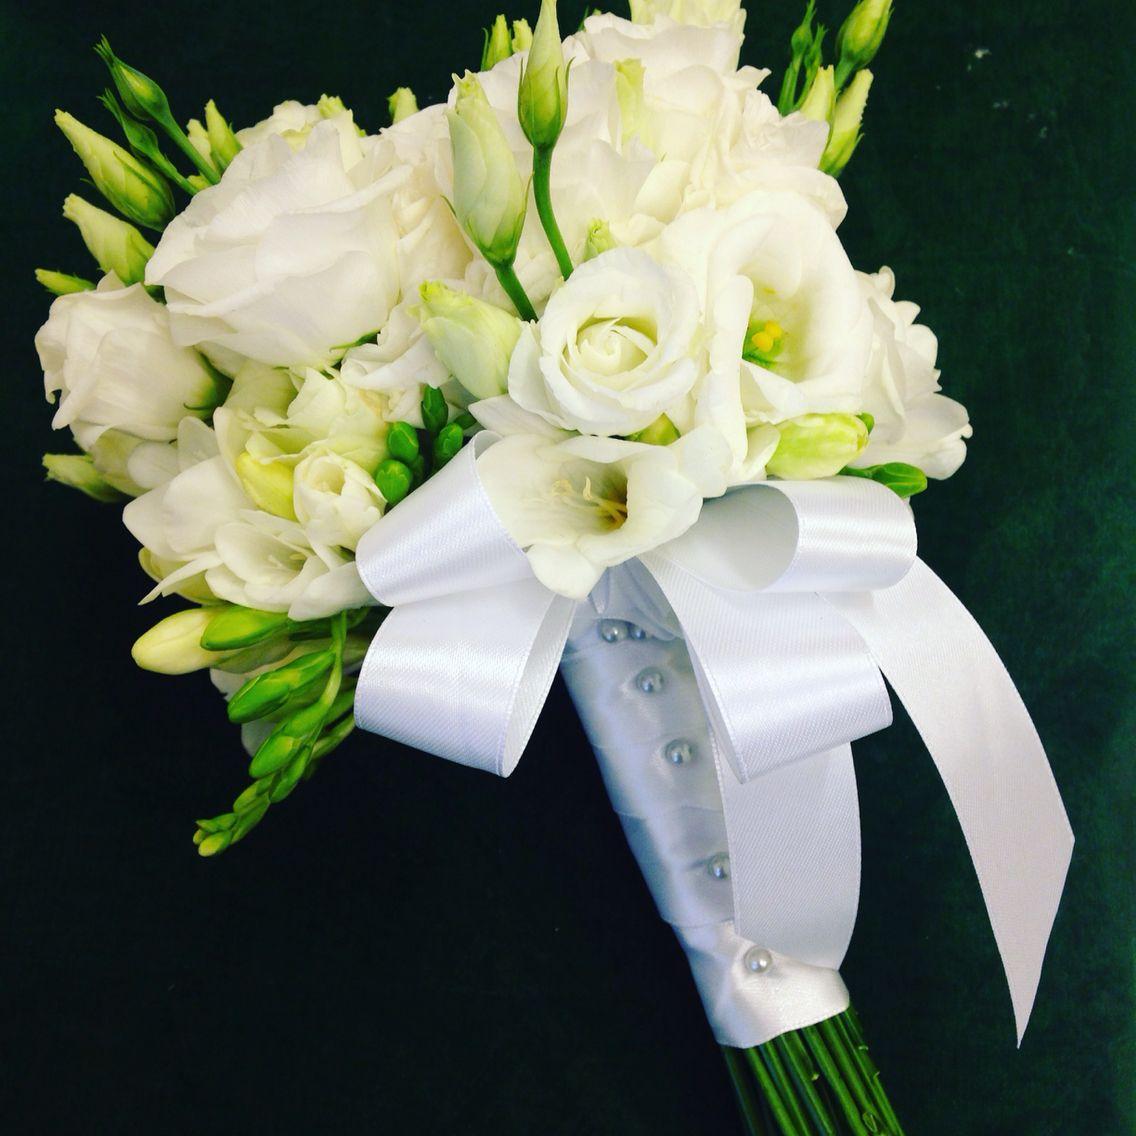 Bouquet Sposa Lisianthus.Bouquet Sposa Bianco E Verde Lisianthus E Fresie